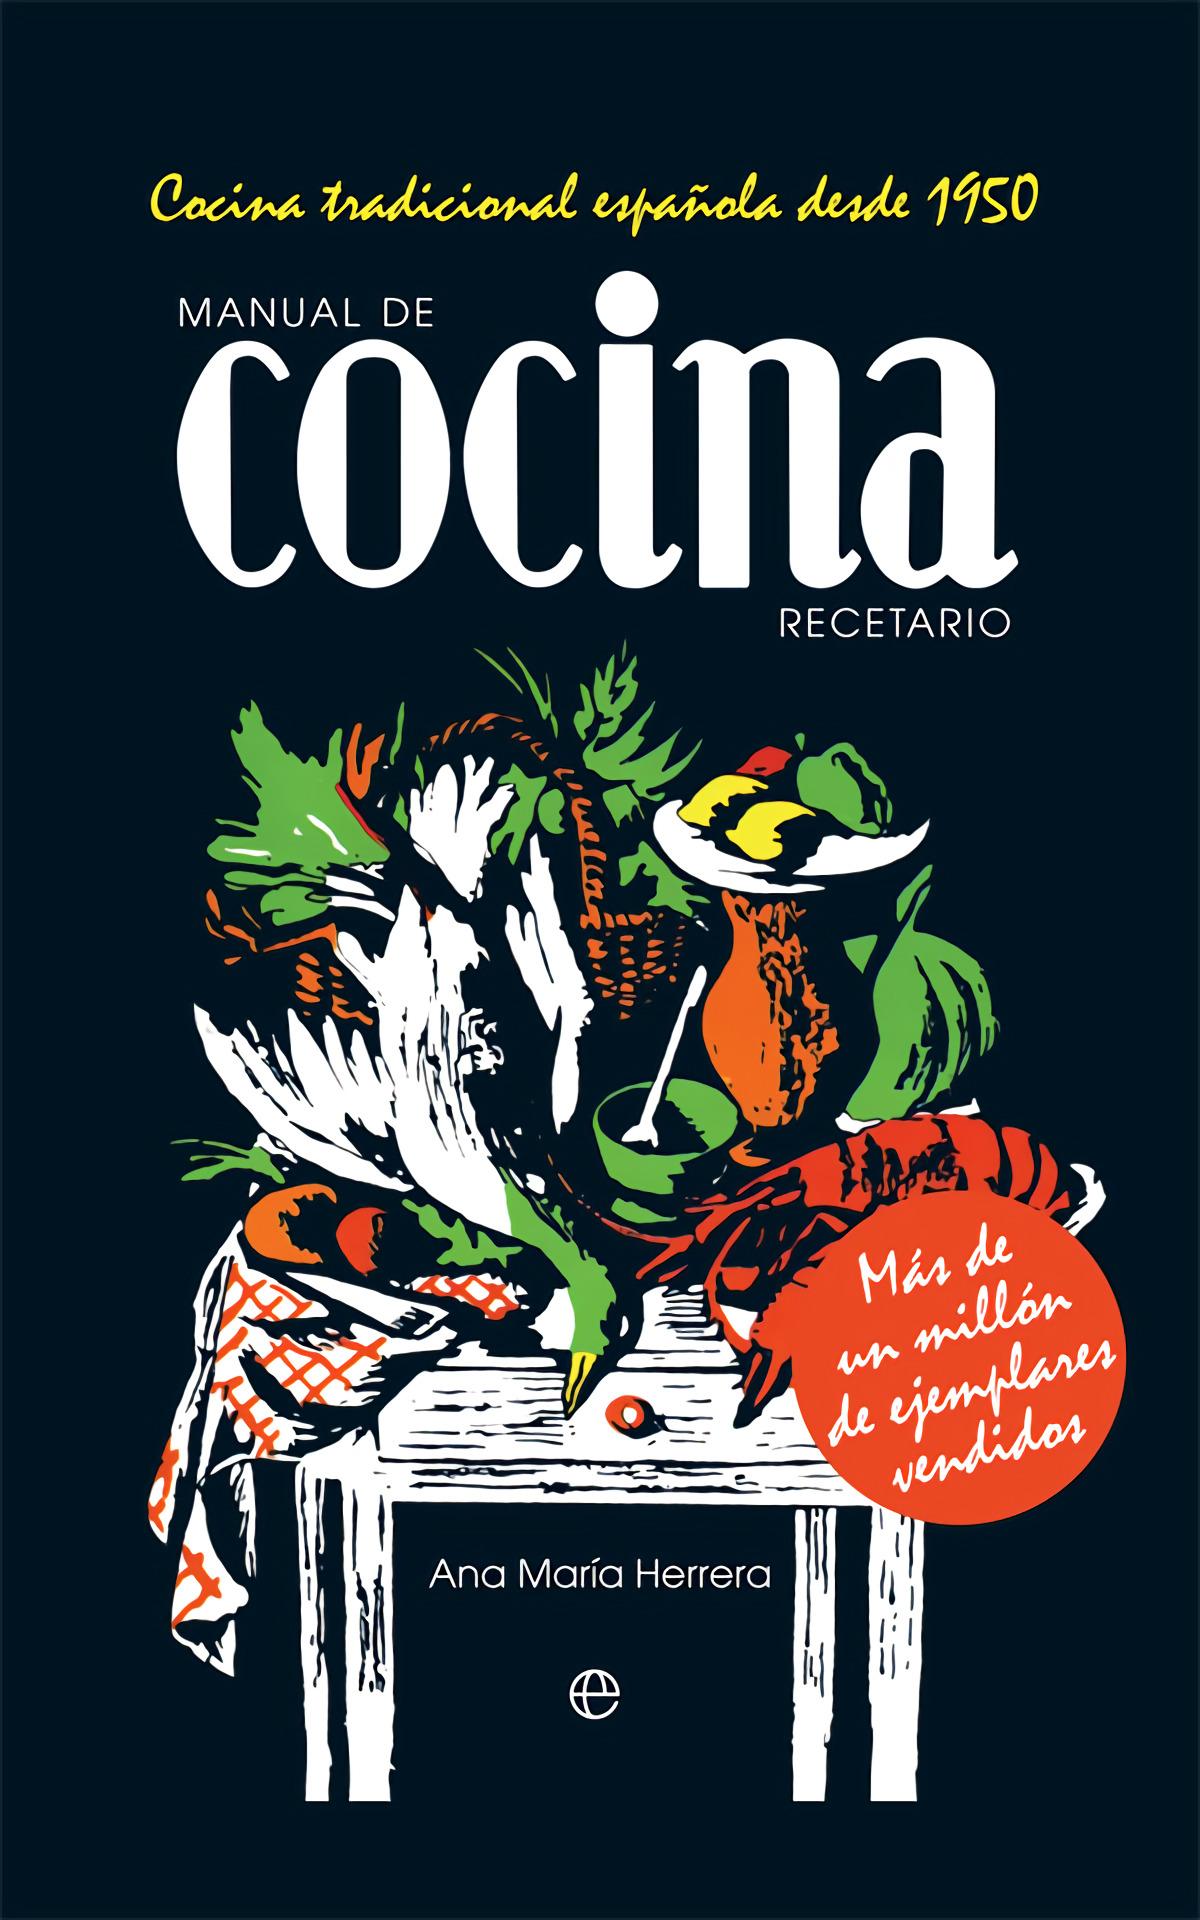 MANUAL DE COCINA:RECETARIO